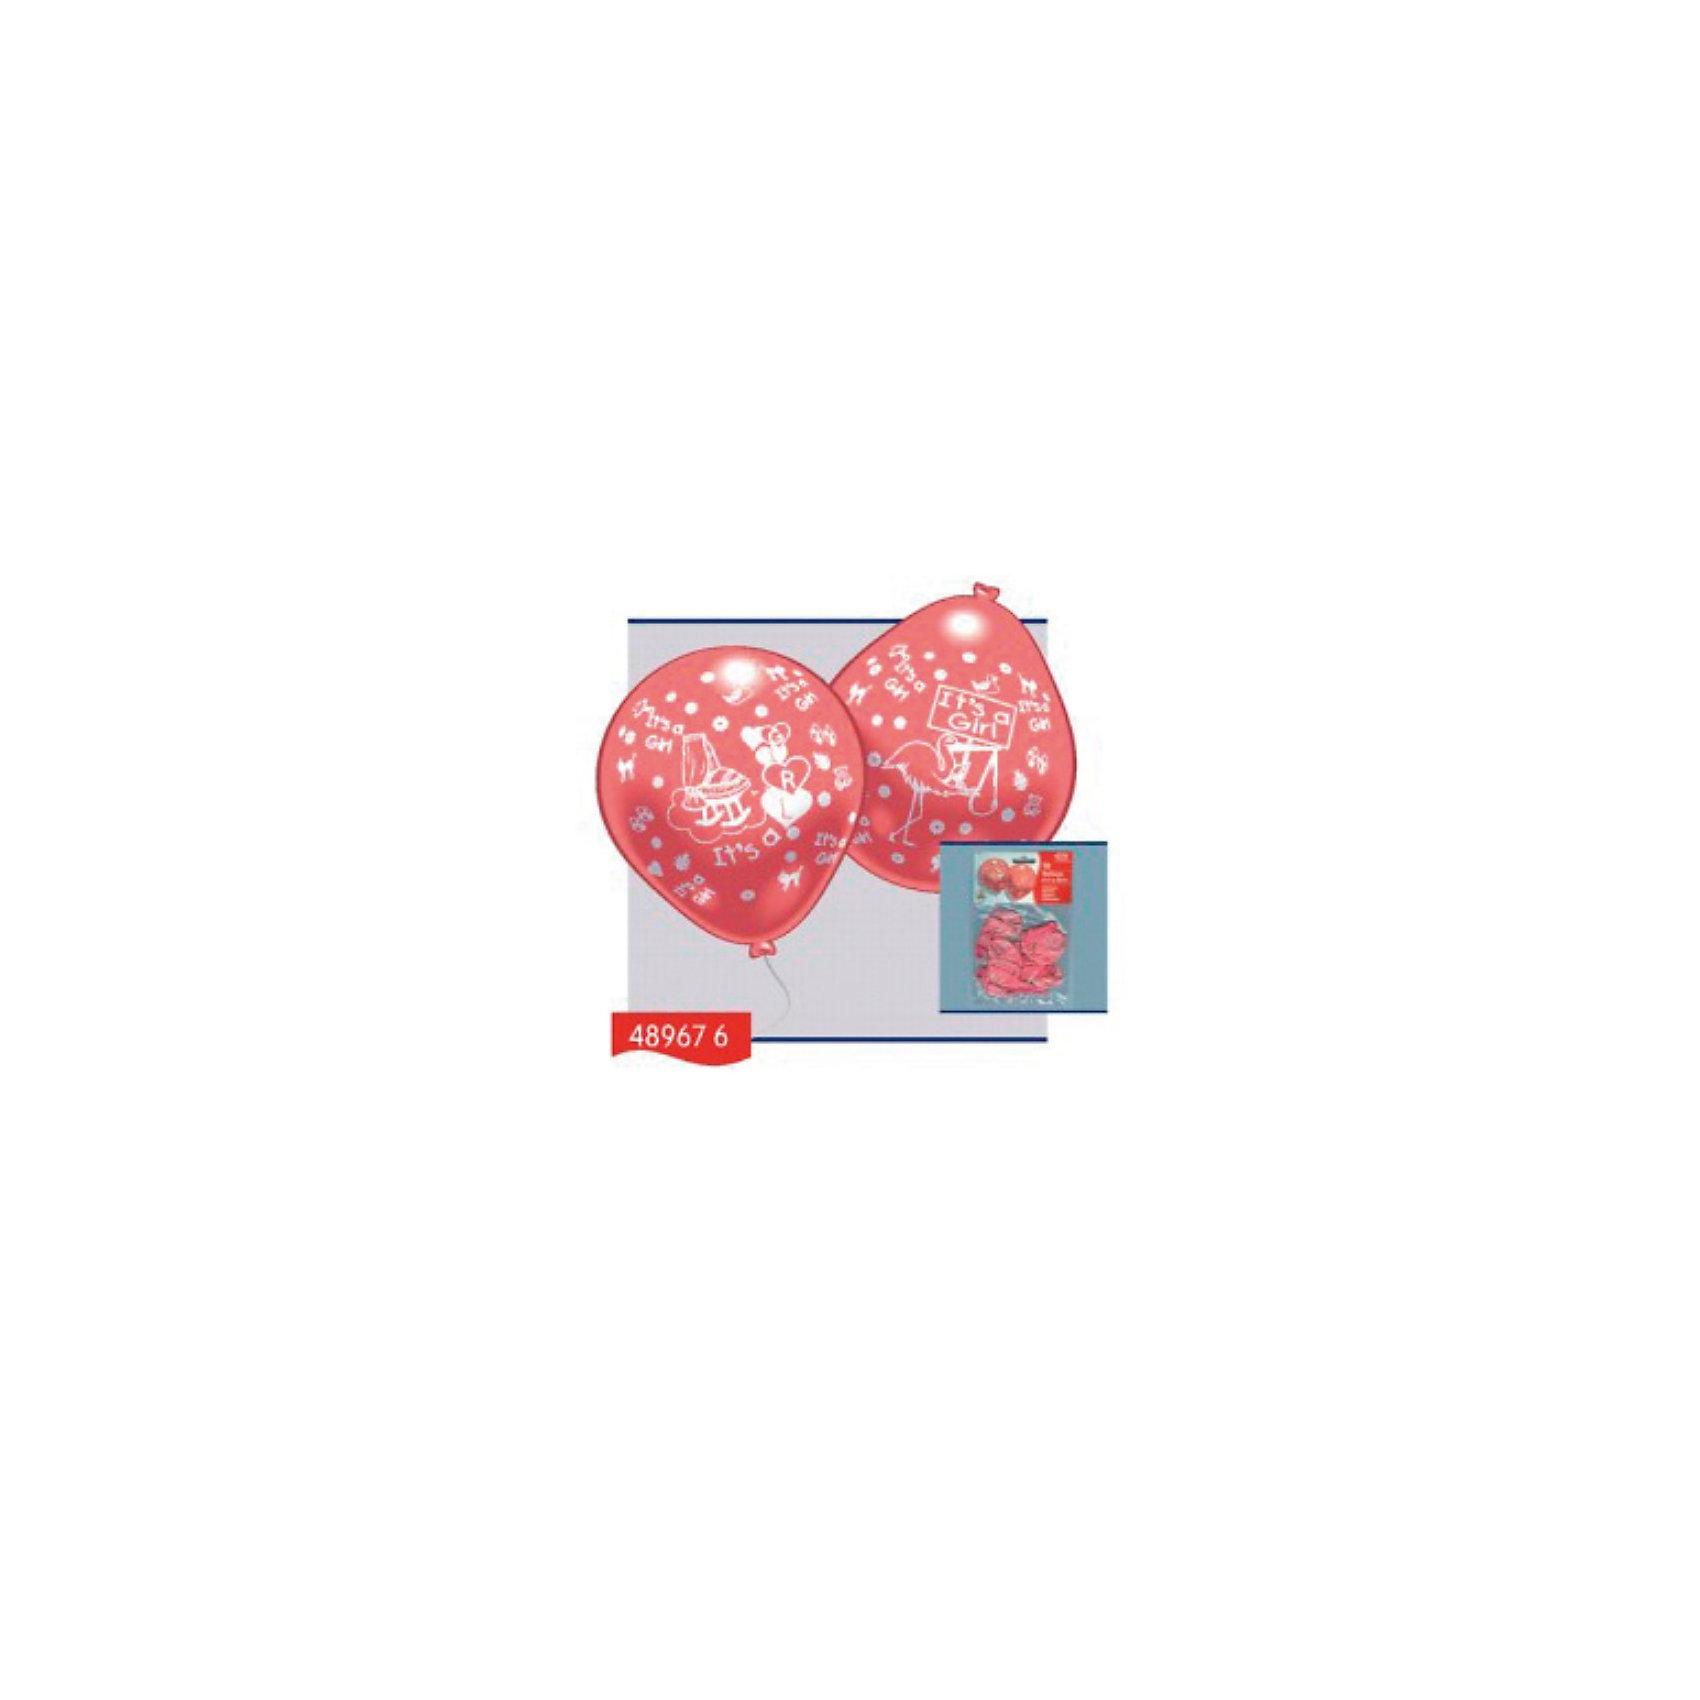 Everts 10 шариков с рисунком Рождение малыша (девочка)Всё для праздника<br>Шарики - это не просто подарок, а еще и отличный способ украсить интерьер на праздник по случаю рождения малыша! Счастливый отец может преподнести своей второй половинке в честь рождения девочки розовые шарики, которые вызовут массу положительных эмоций! Шарики сделаны из безопасных материалов, поэтому играть в них можно с рождения. Надувание шариков способствует развитию дыхательной системы человека, а созерцание развивает эстетическое восприятие.<br><br>Ширина мм: 150<br>Глубина мм: 230<br>Высота мм: 10<br>Вес г: 65<br>Возраст от месяцев: 36<br>Возраст до месяцев: 1188<br>Пол: Женский<br>Возраст: Детский<br>SKU: 2433016